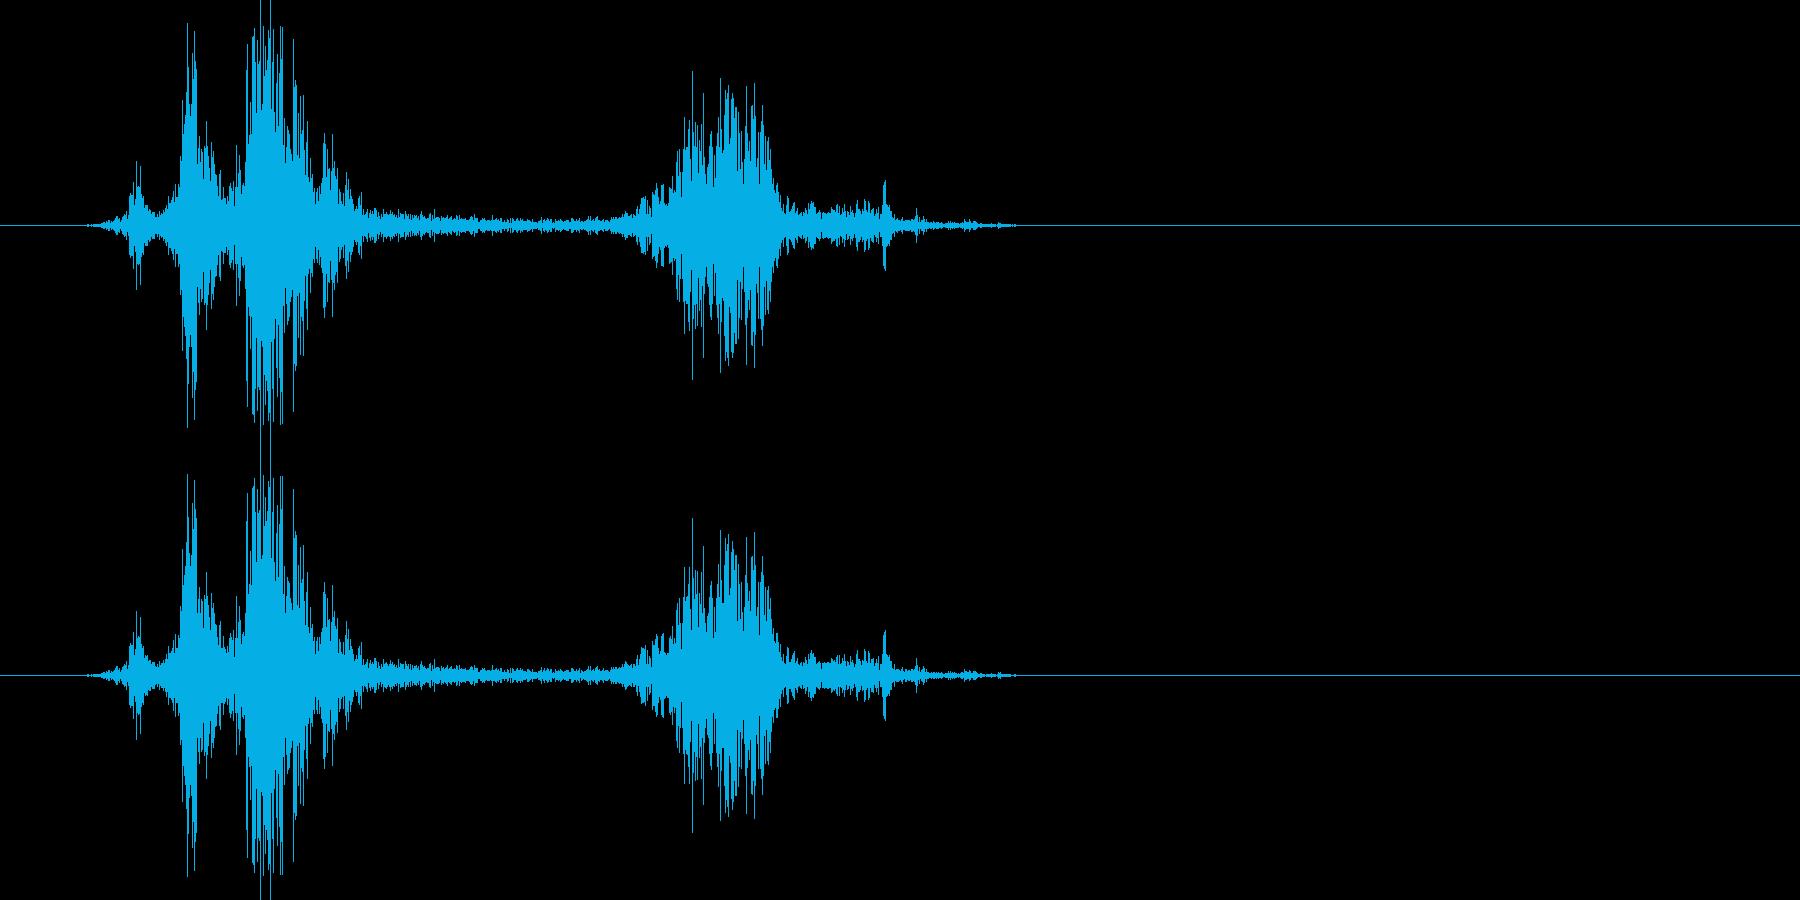 カメラのシャッター音2(クワッシッ)の再生済みの波形